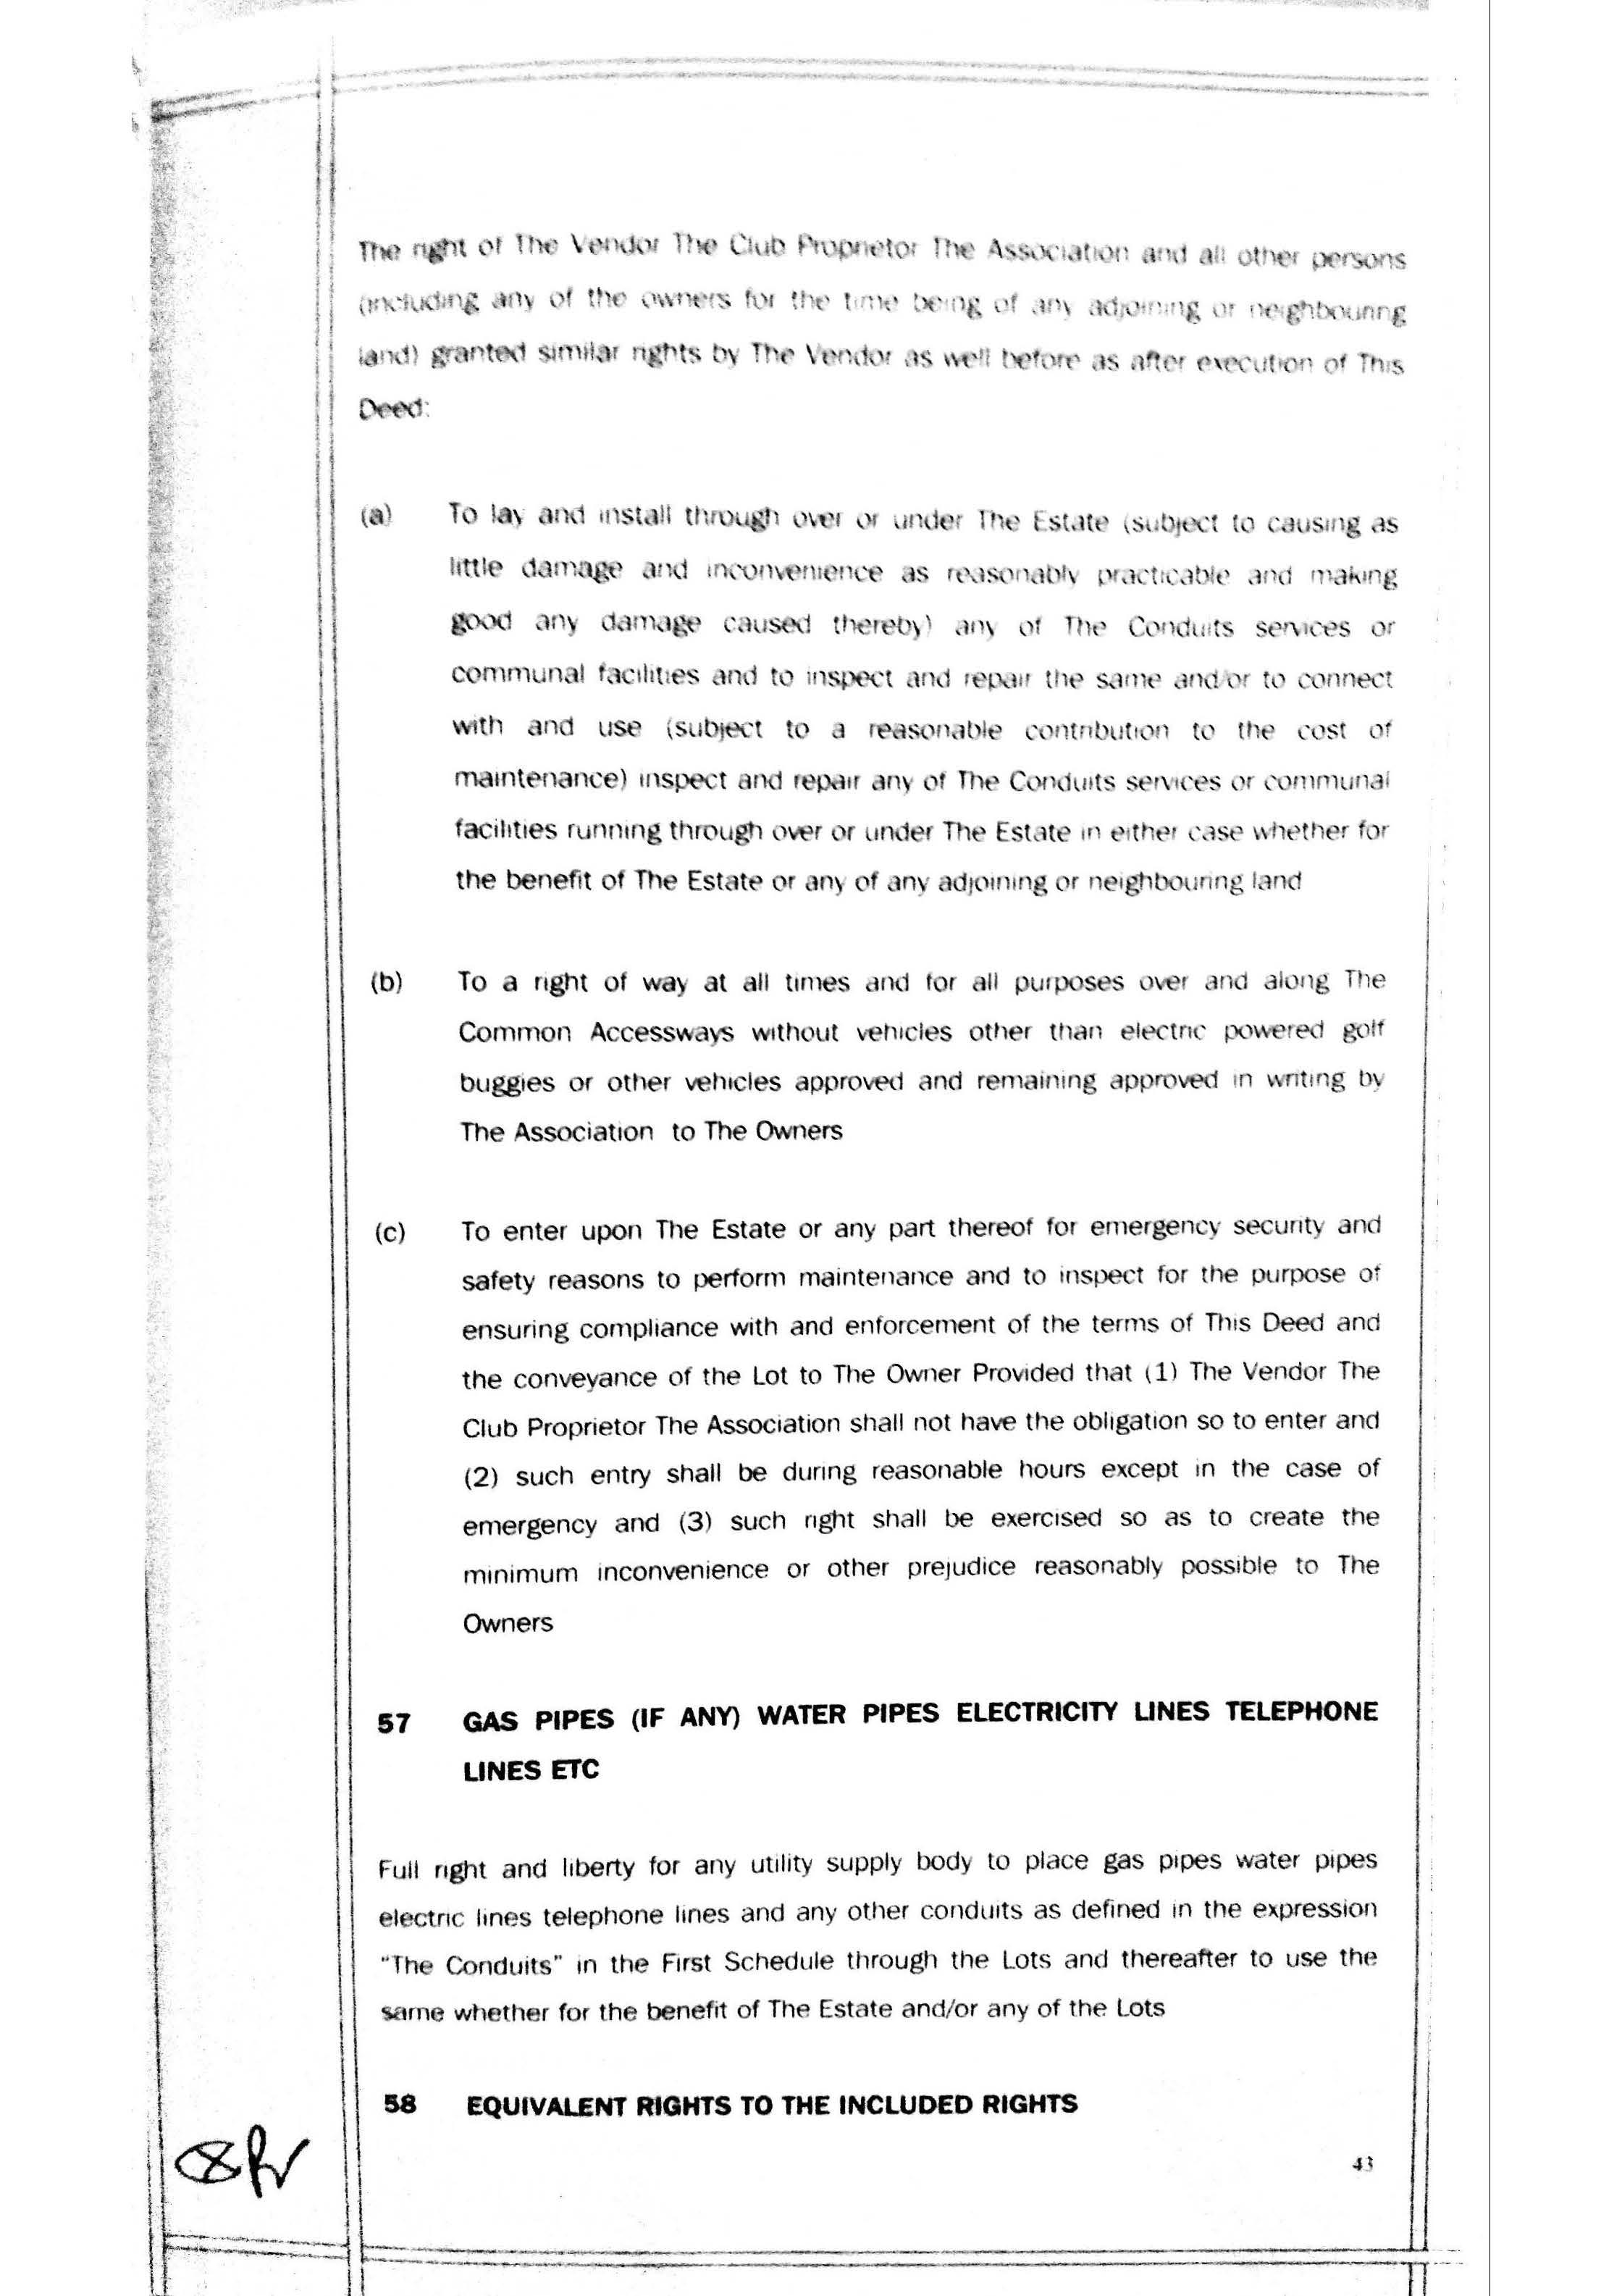 MC Ind p39 onwards_Page_05.jpg